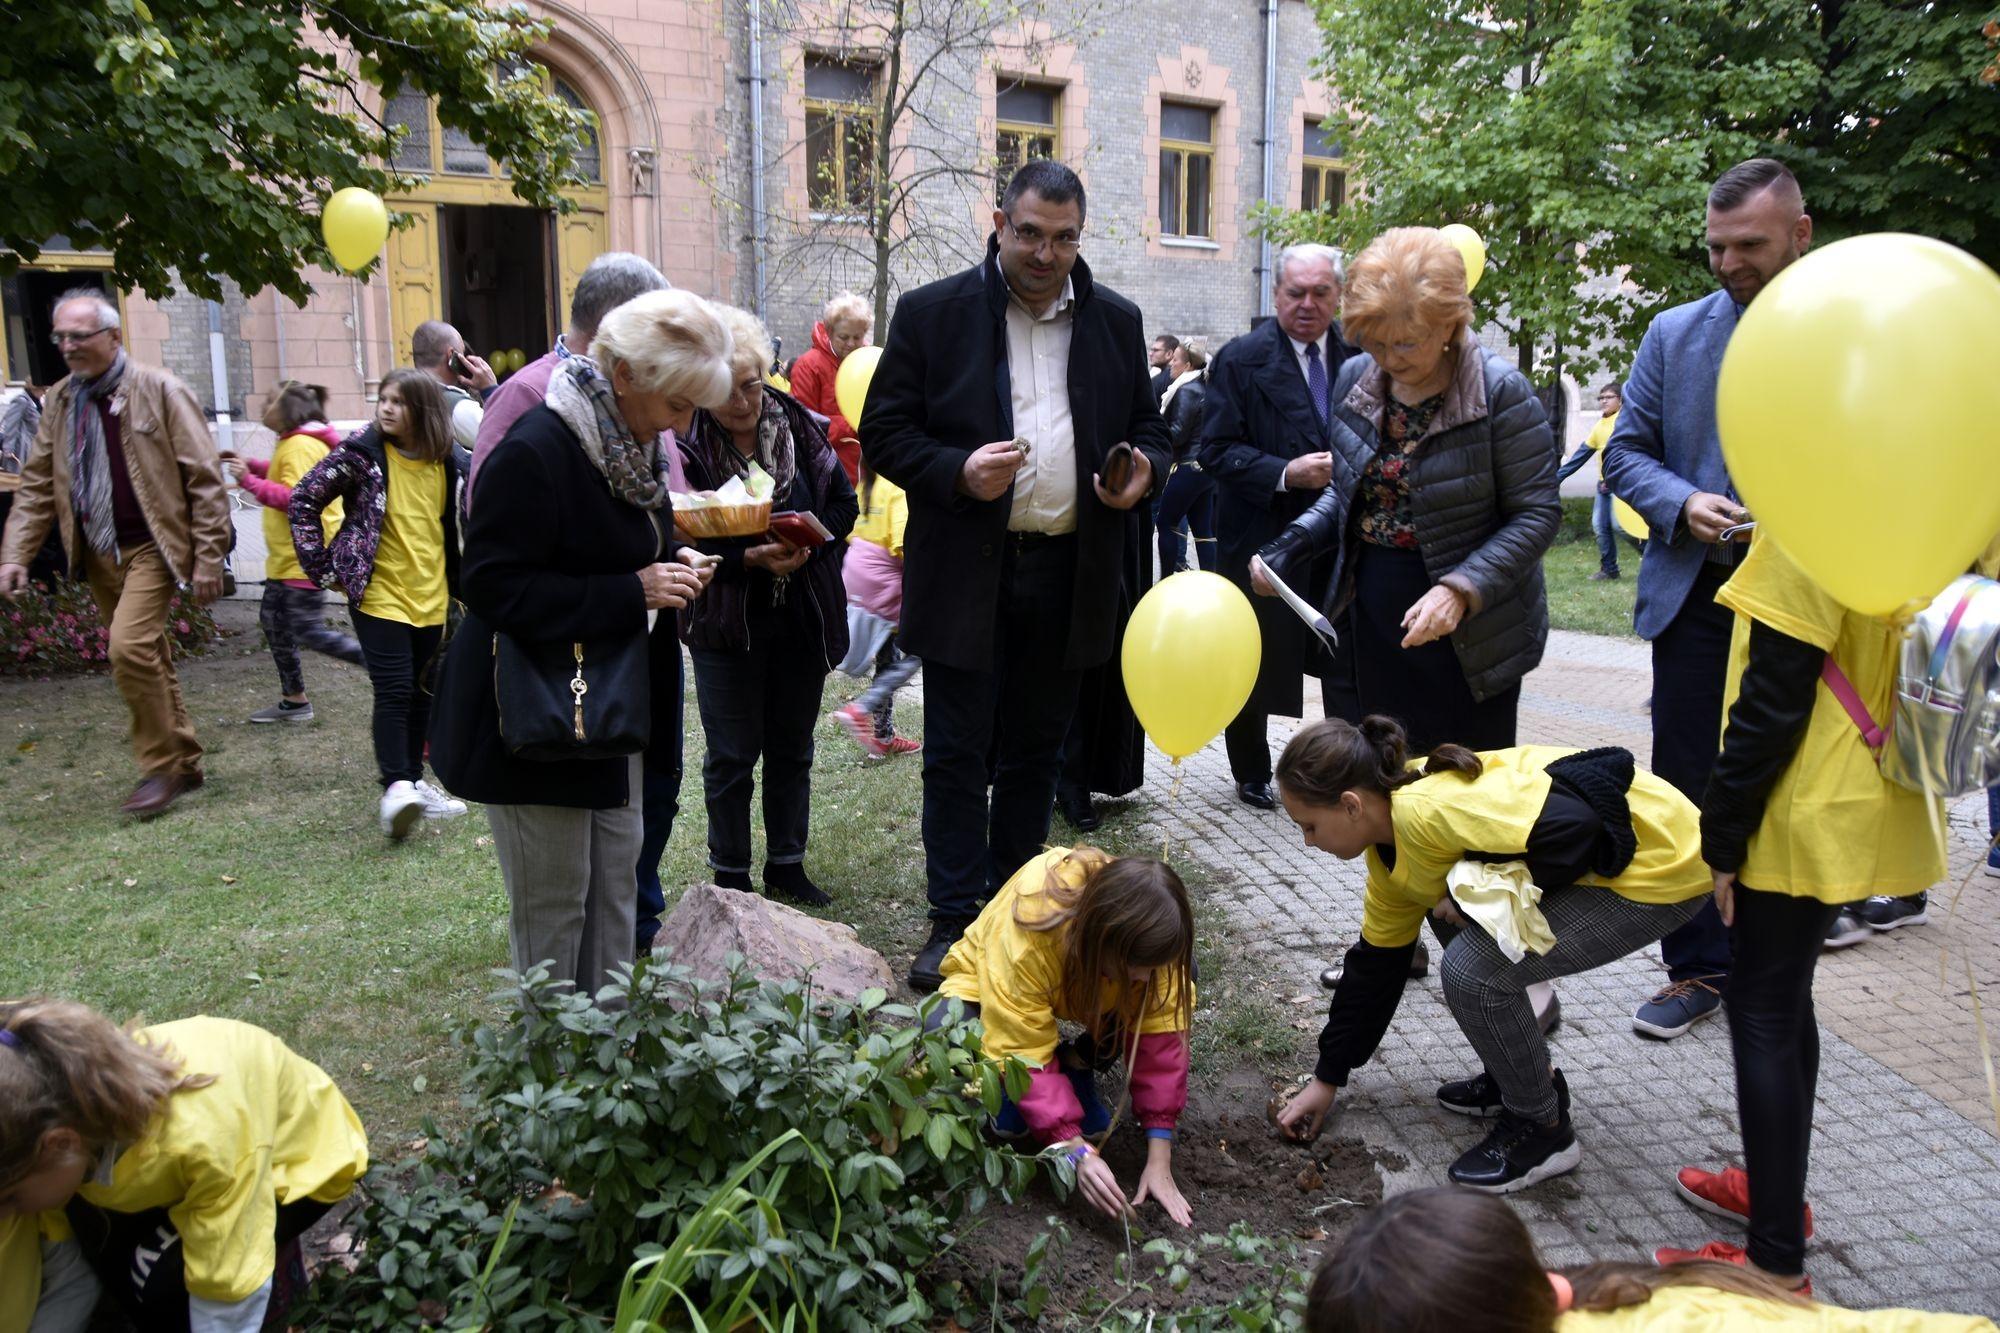 Immár 9. alkalommal ültet nárciszt az Ölelő Kéz Ápolási és Hospice Alapítvány